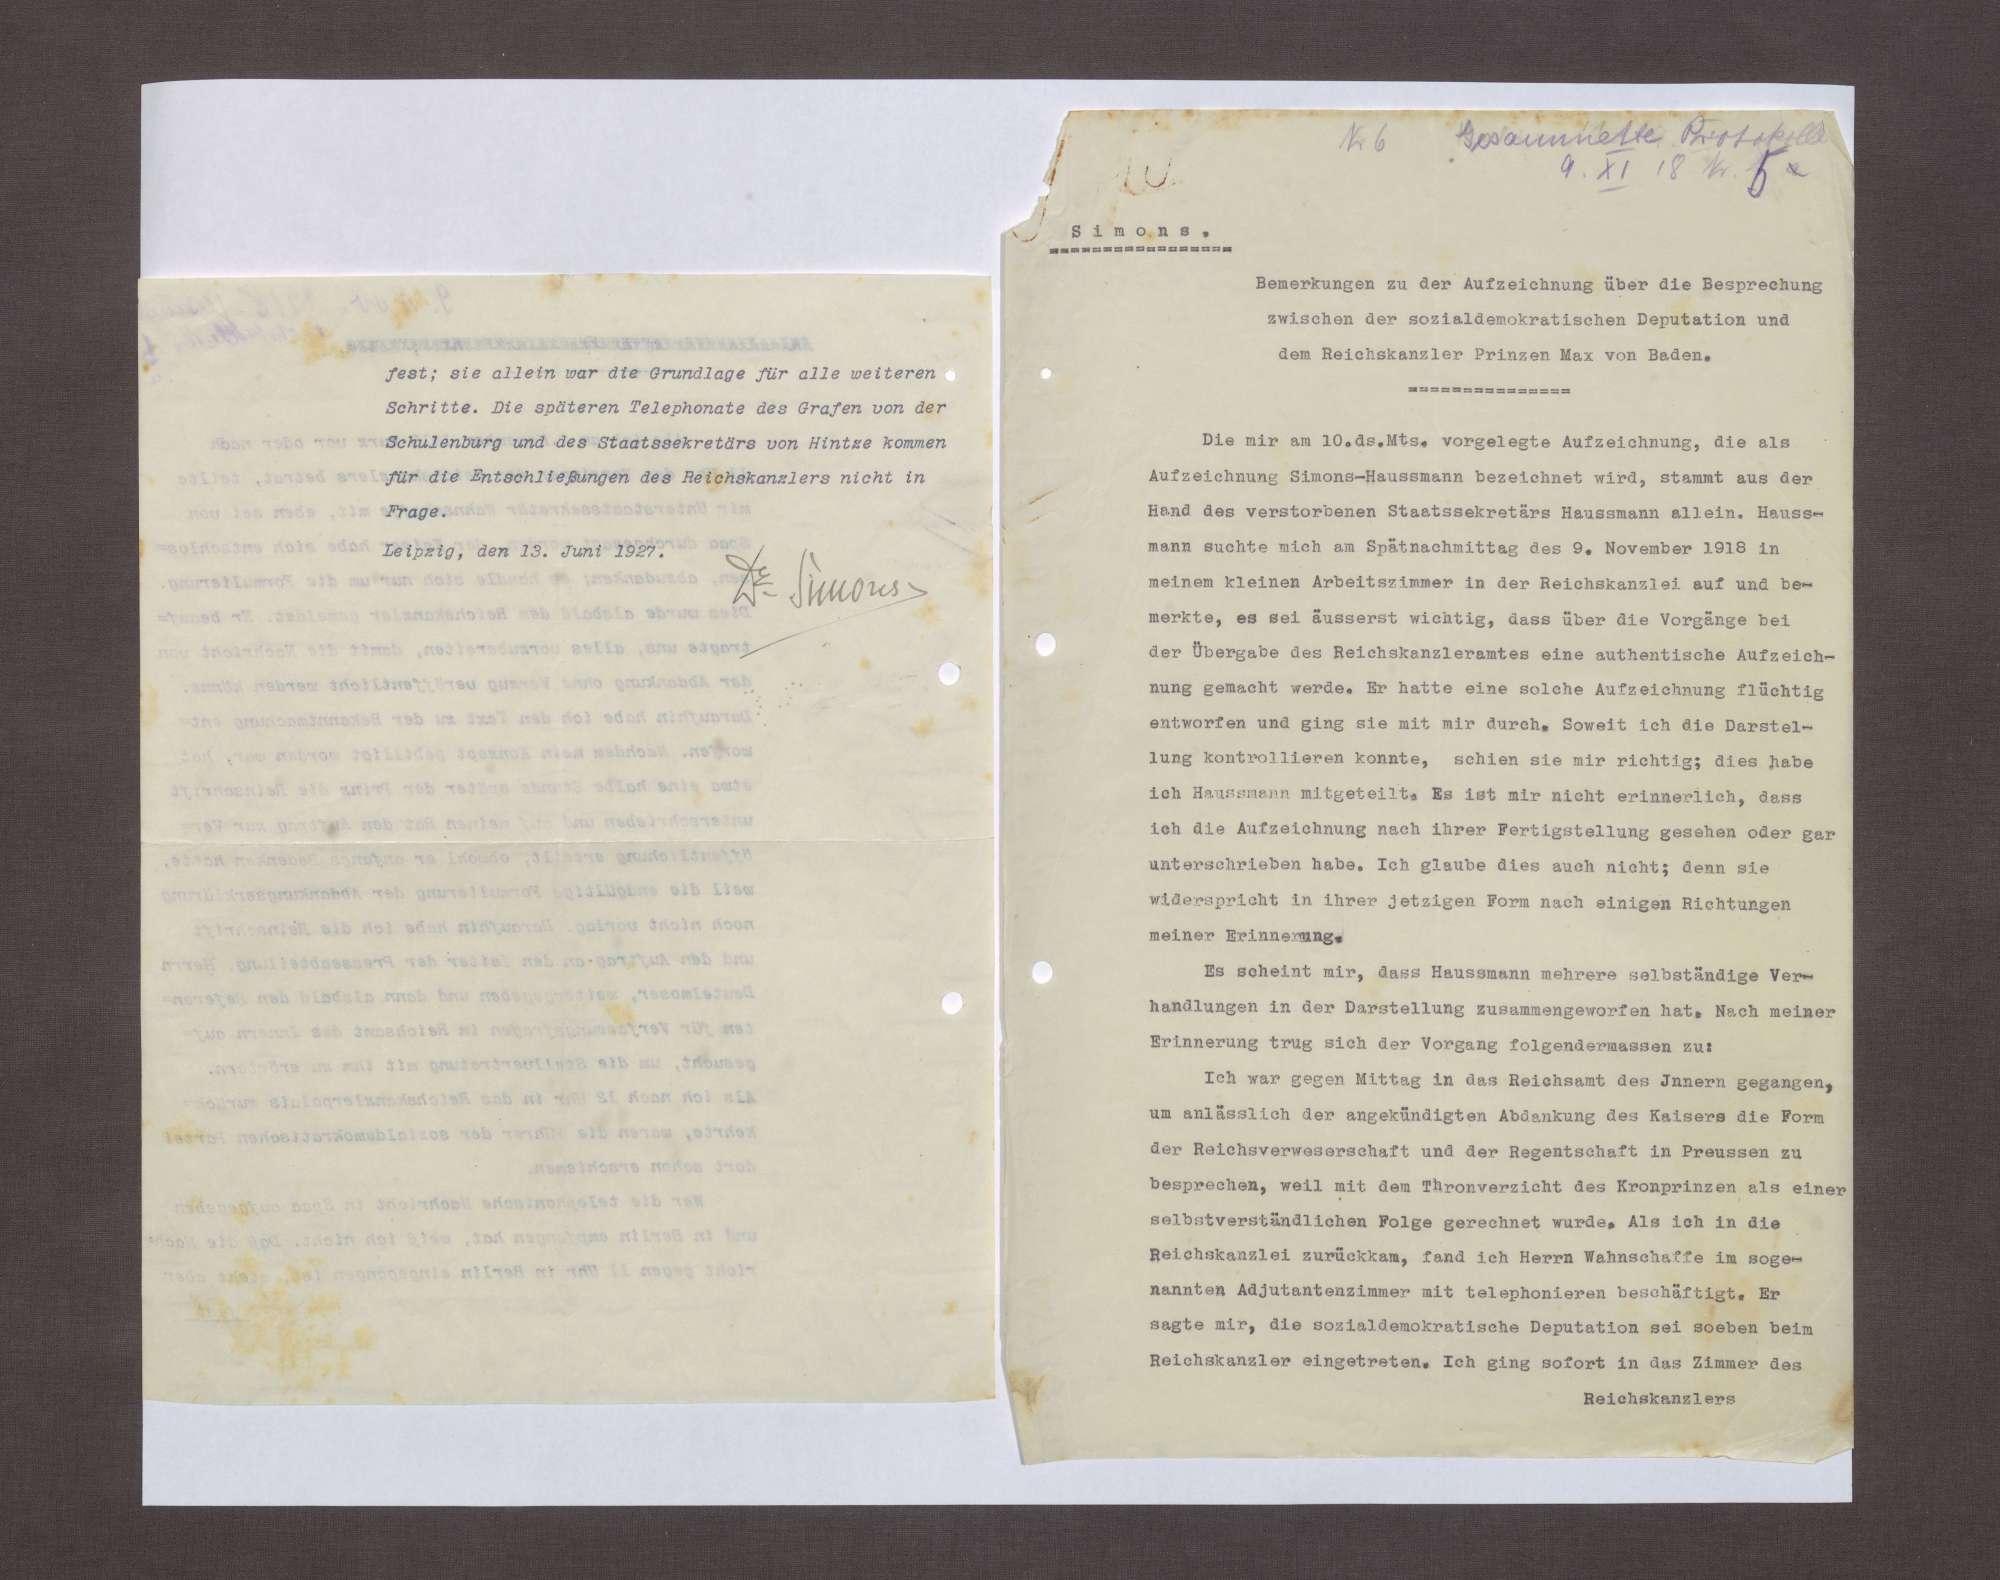 Schreiben von Walter Simons an Prinz Max von Baden bzgl. der Aufzeichnungen Haußmanns über die Ereignisse am 09.11.1918, Bild 2